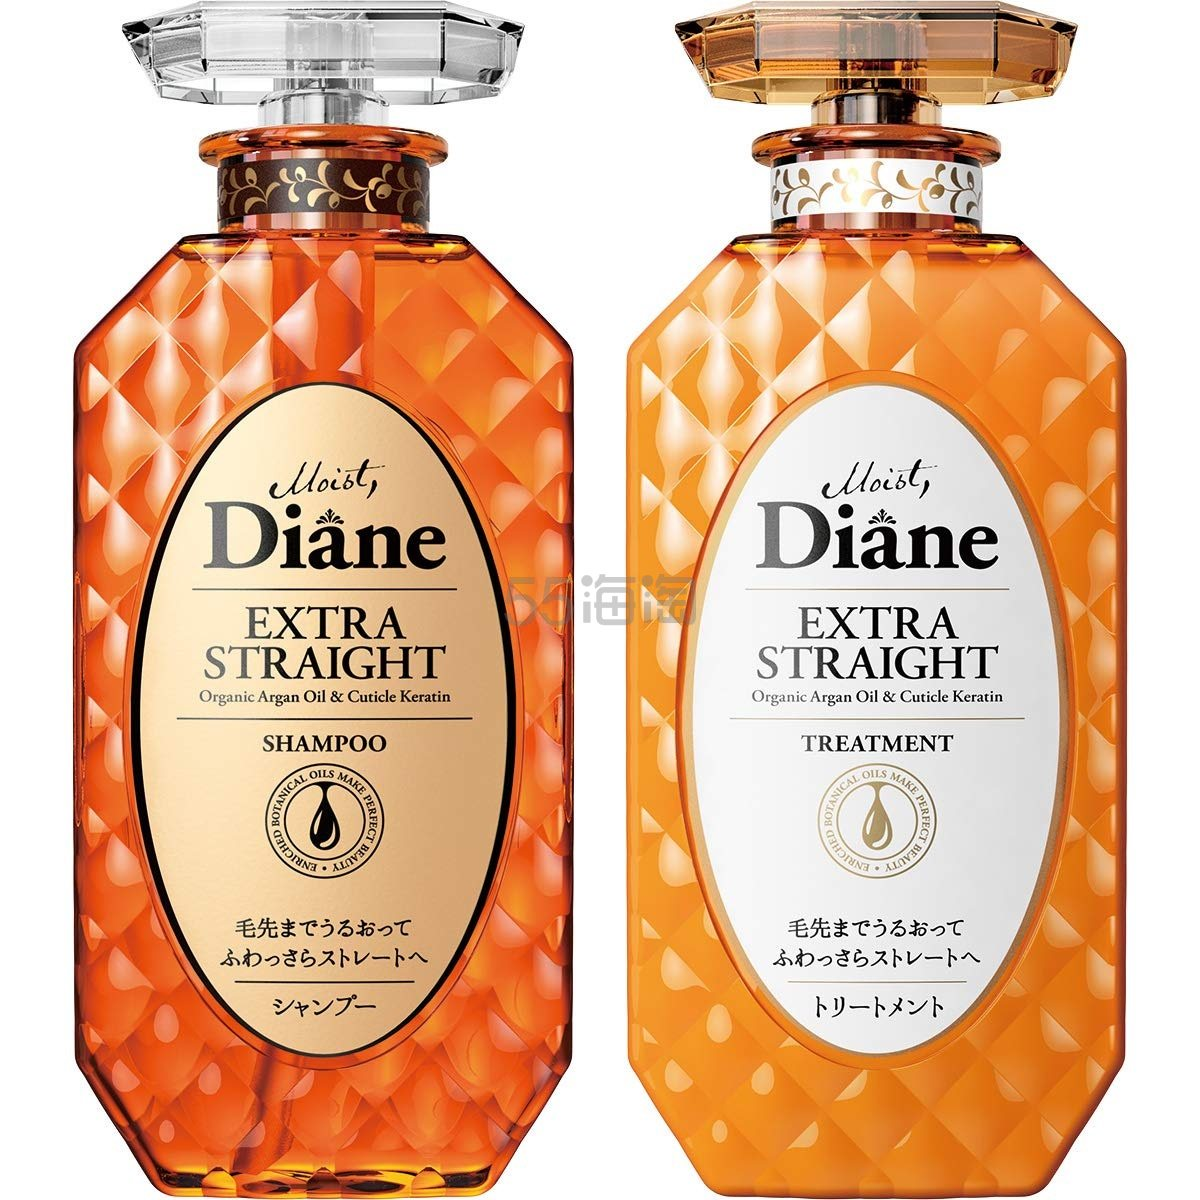 新低价!【中亚Prime会员】Moist Diane 无硅保湿修复洗护套装 洗发水 450ml+护发素 450ml 到手价61元 - 海淘优惠海淘折扣|55海淘网